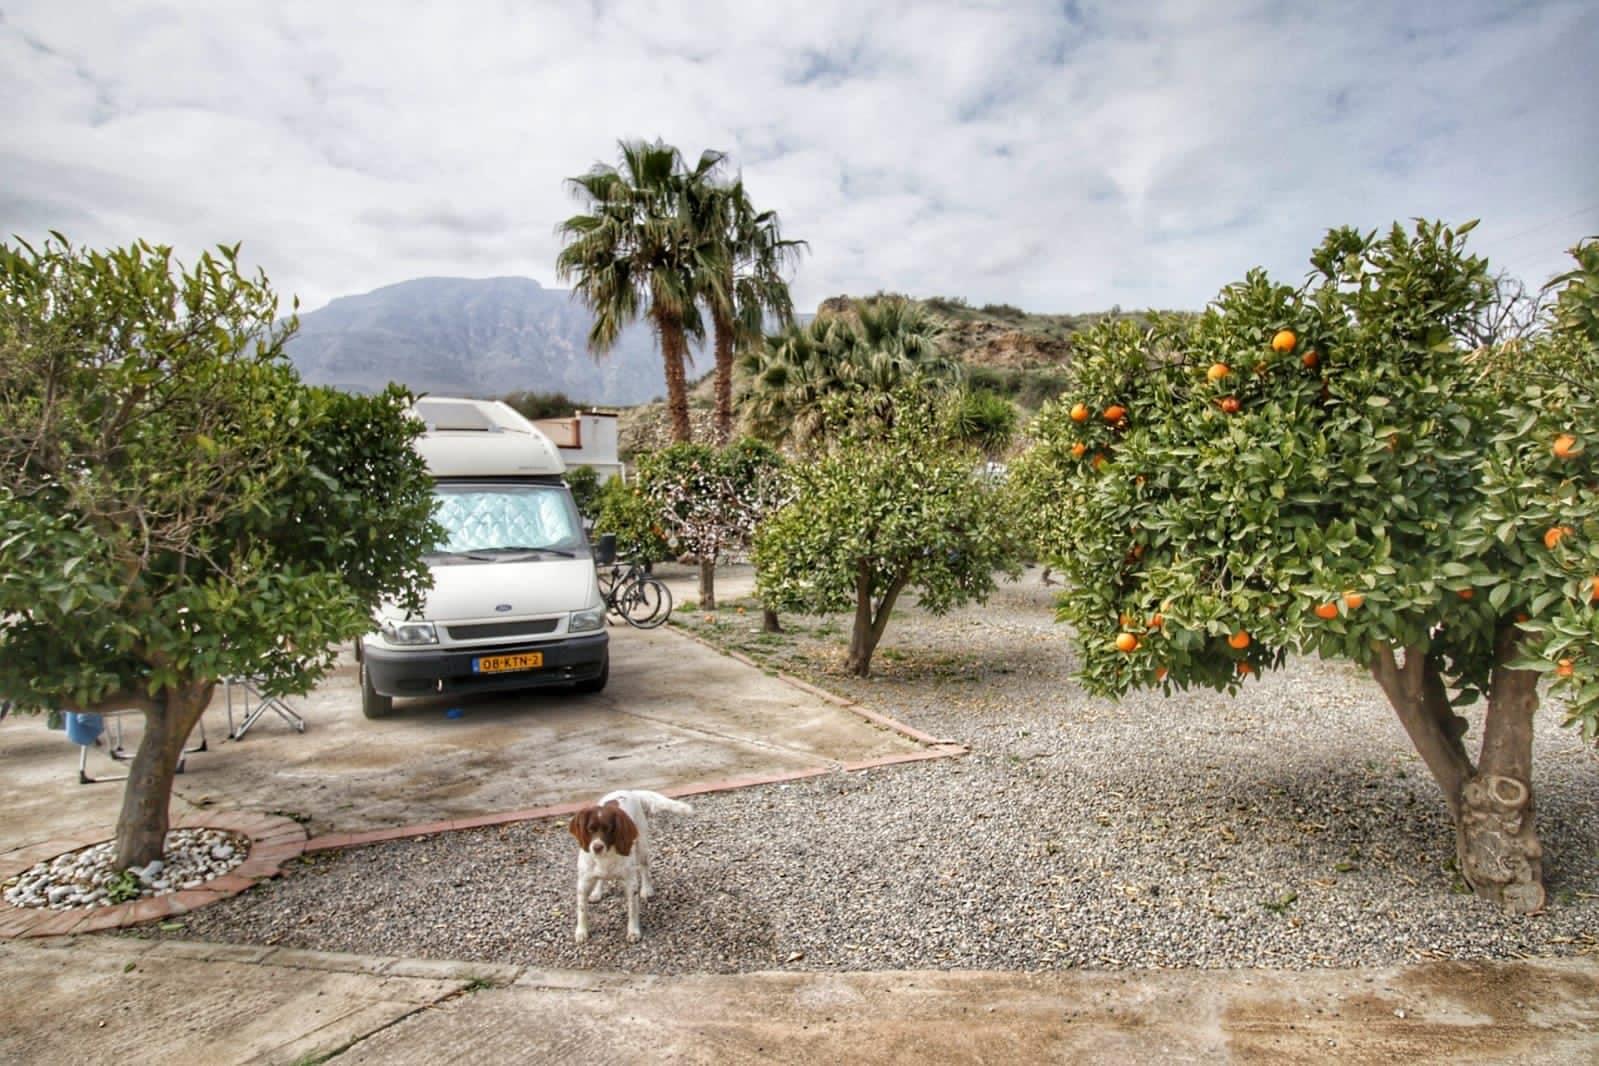 Tijdens de coronacrisis met de camper op een sinaasappelboerderij in Spanje